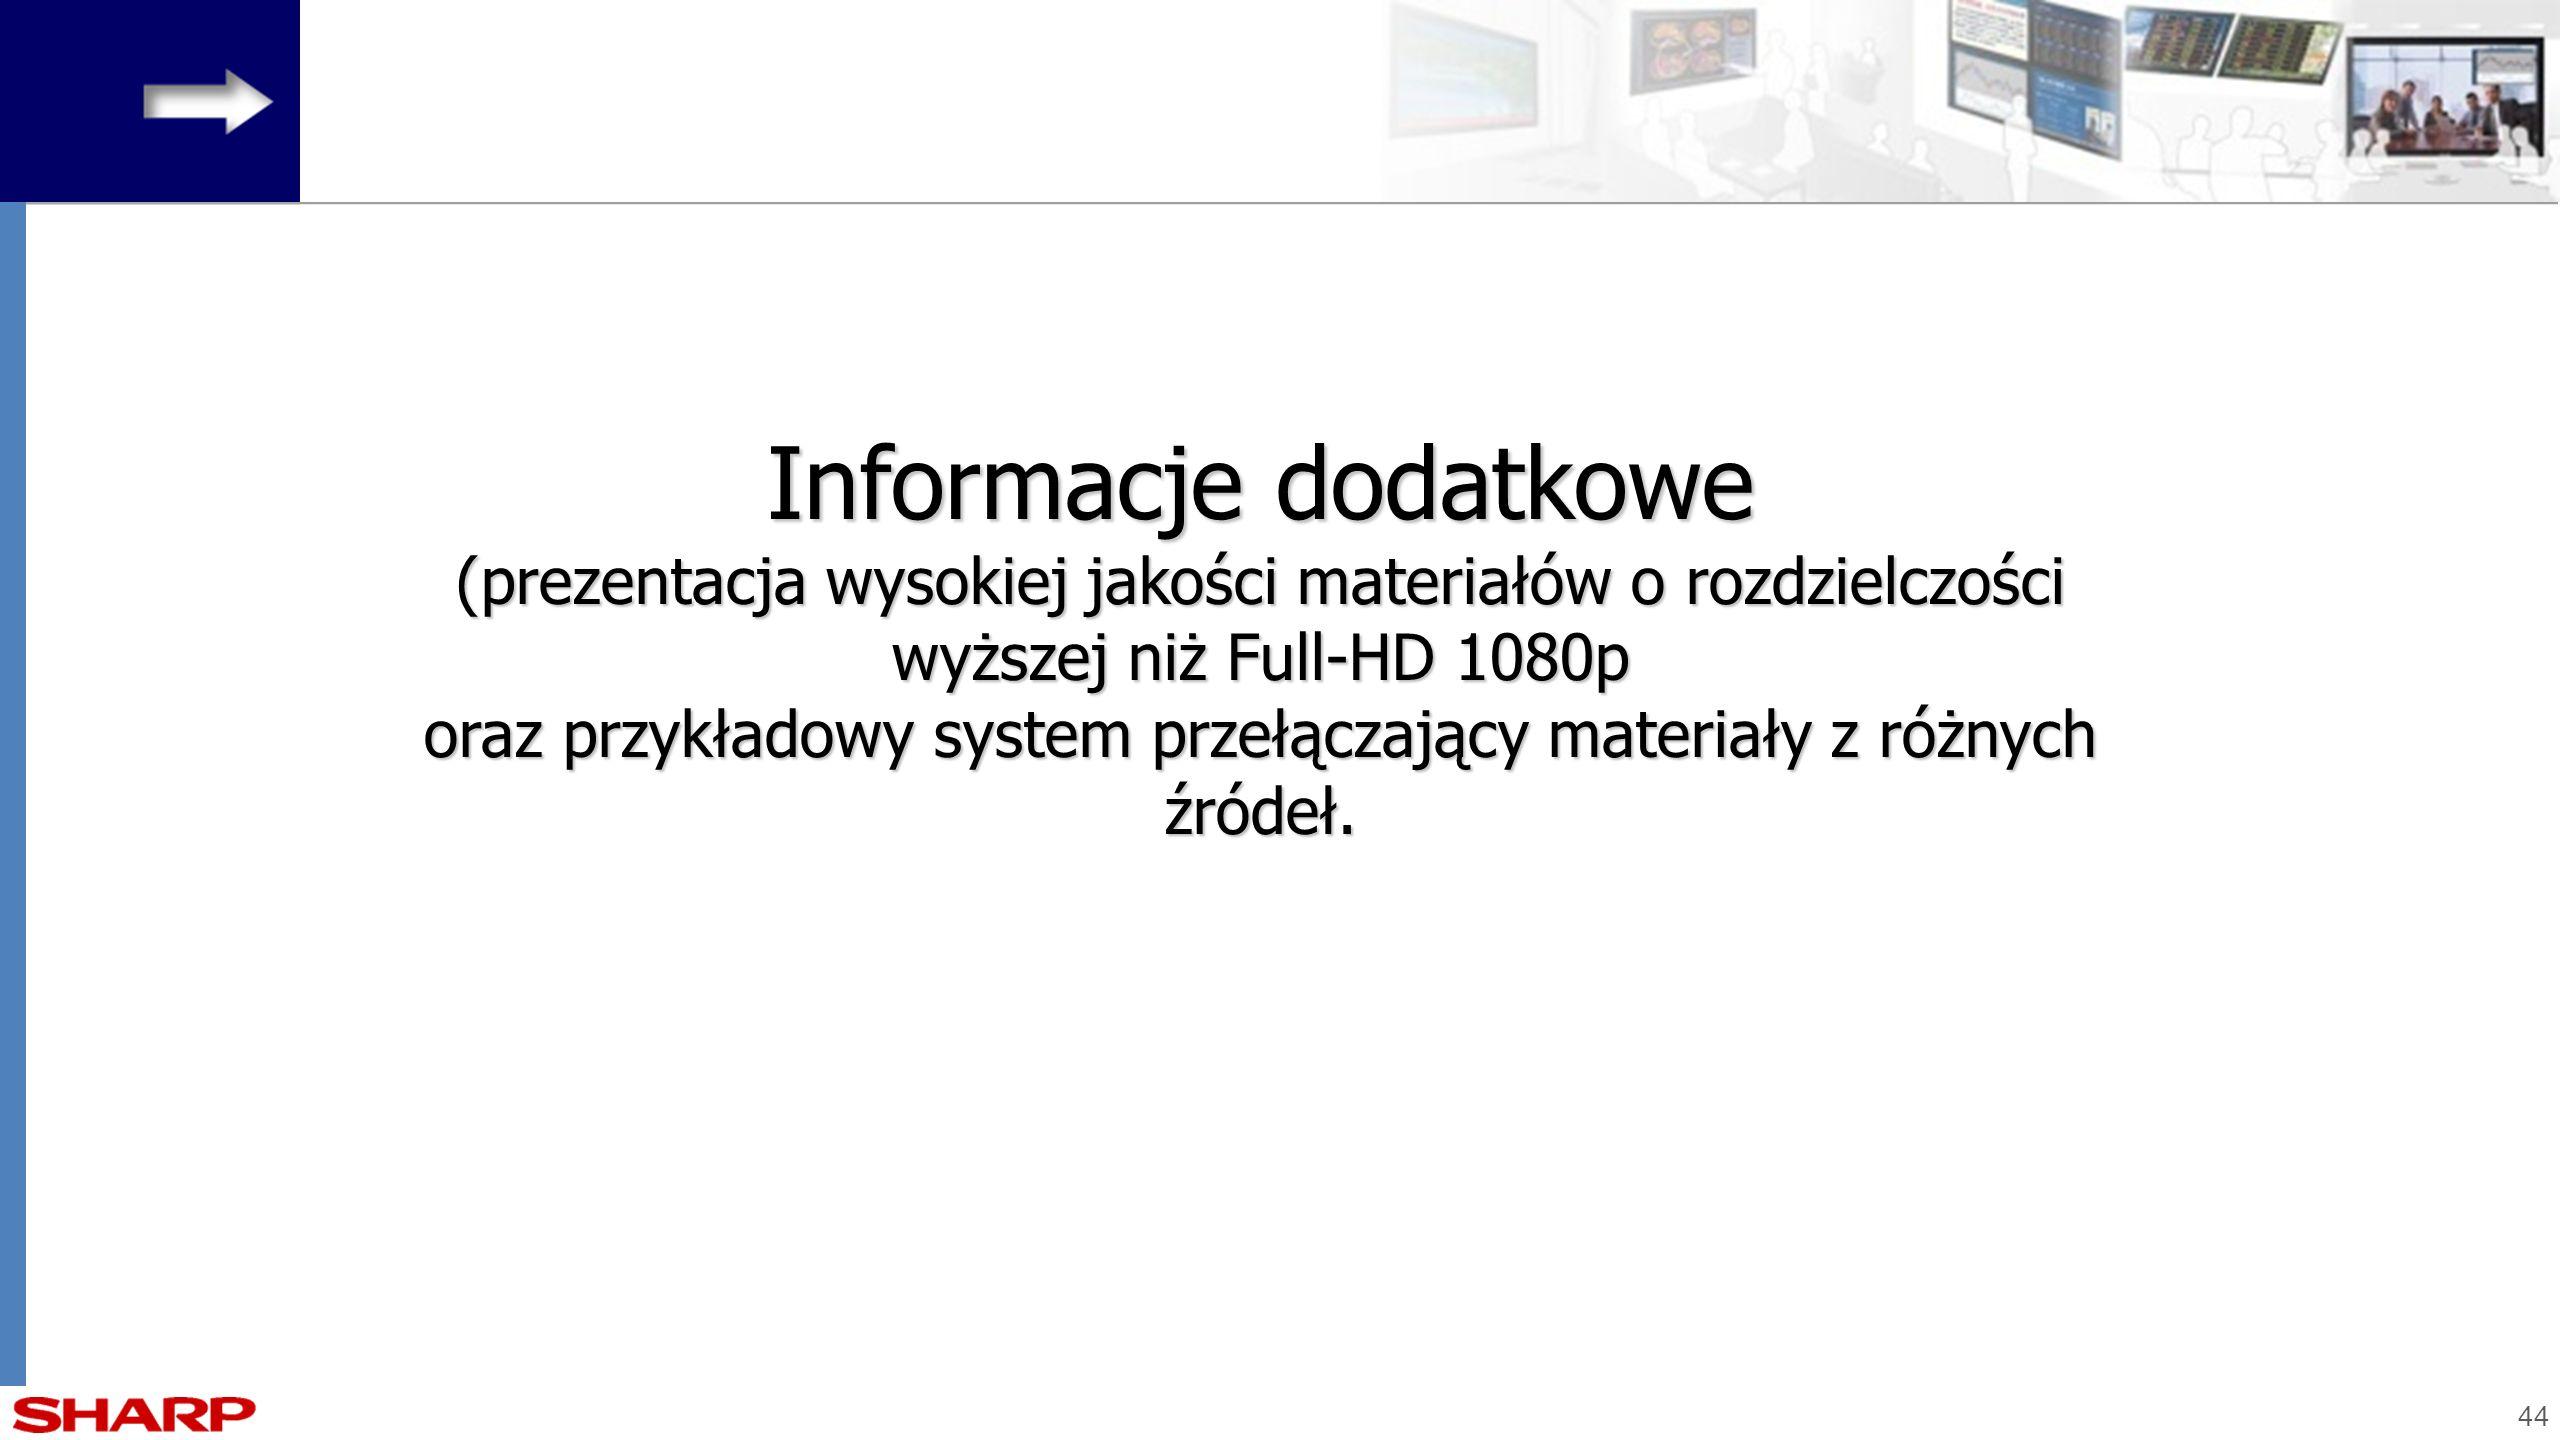 44 Informacje dodatkowe (prezentacja wysokiej jakości materiałów o rozdzielczości wyższej niż Full-HD 1080p oraz przykładowy system przełączający mate